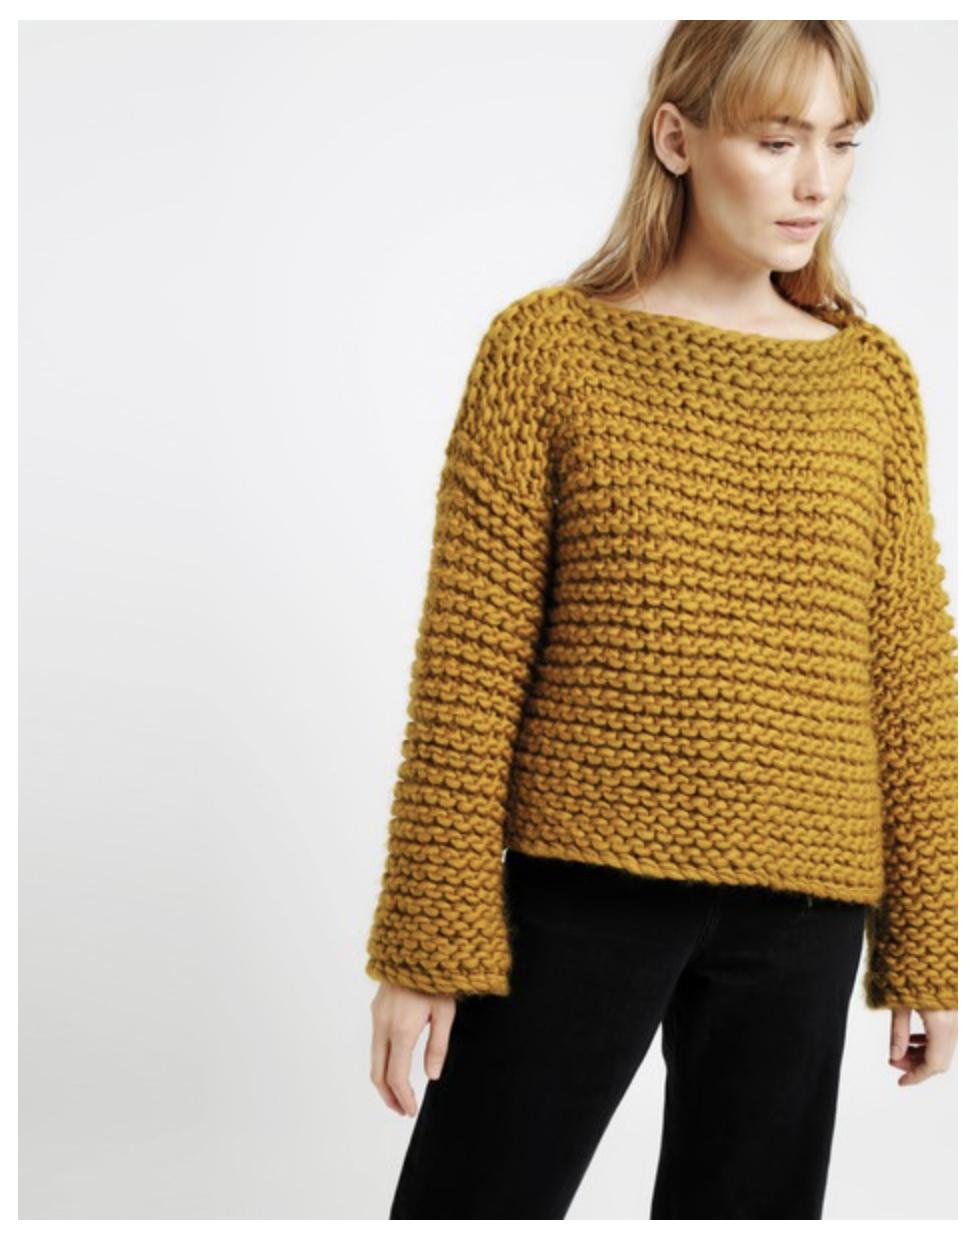 beginner-knit-sweater-kit